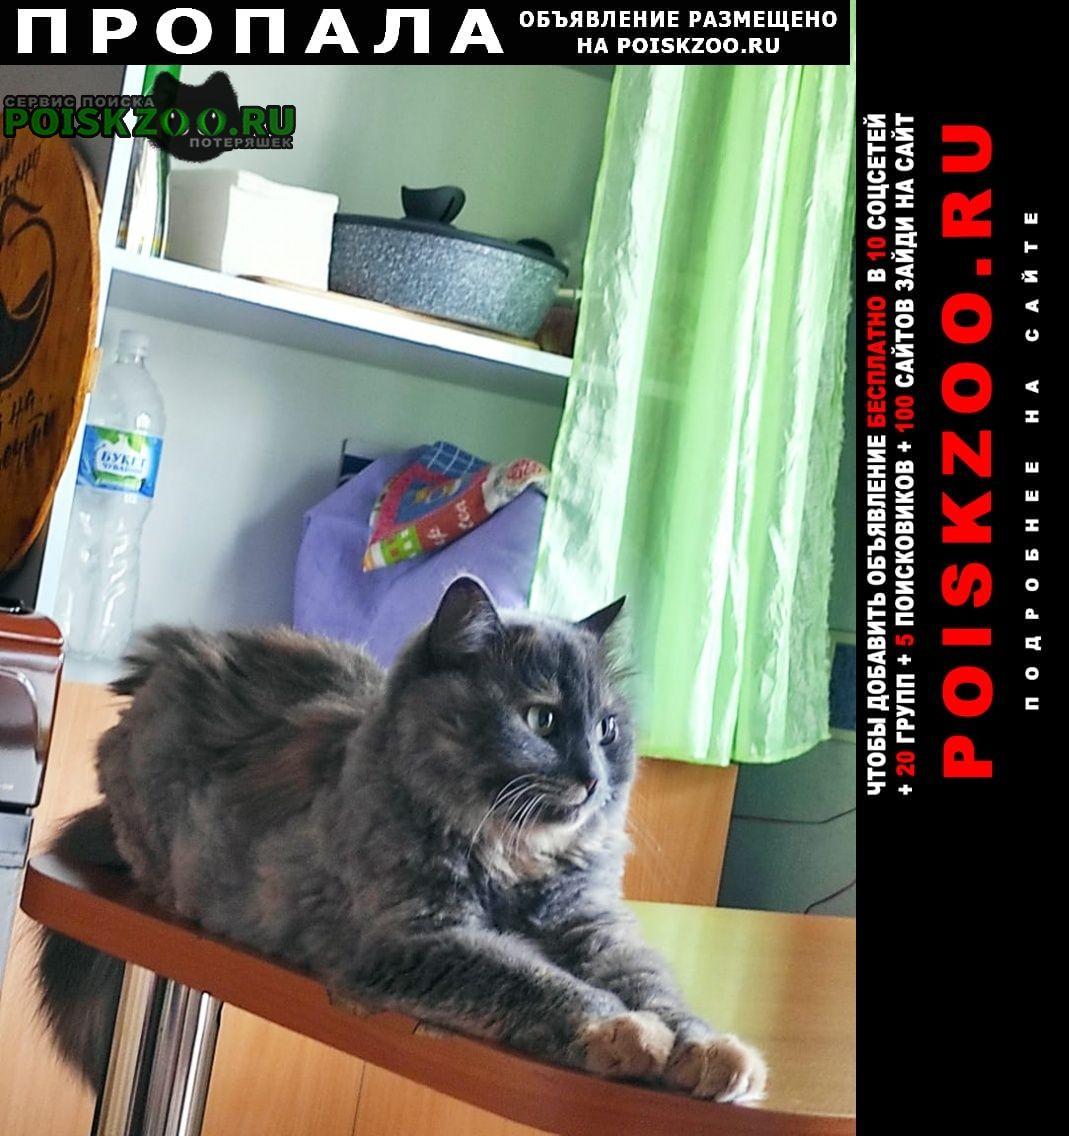 Новочебоксарск Пропала кошка